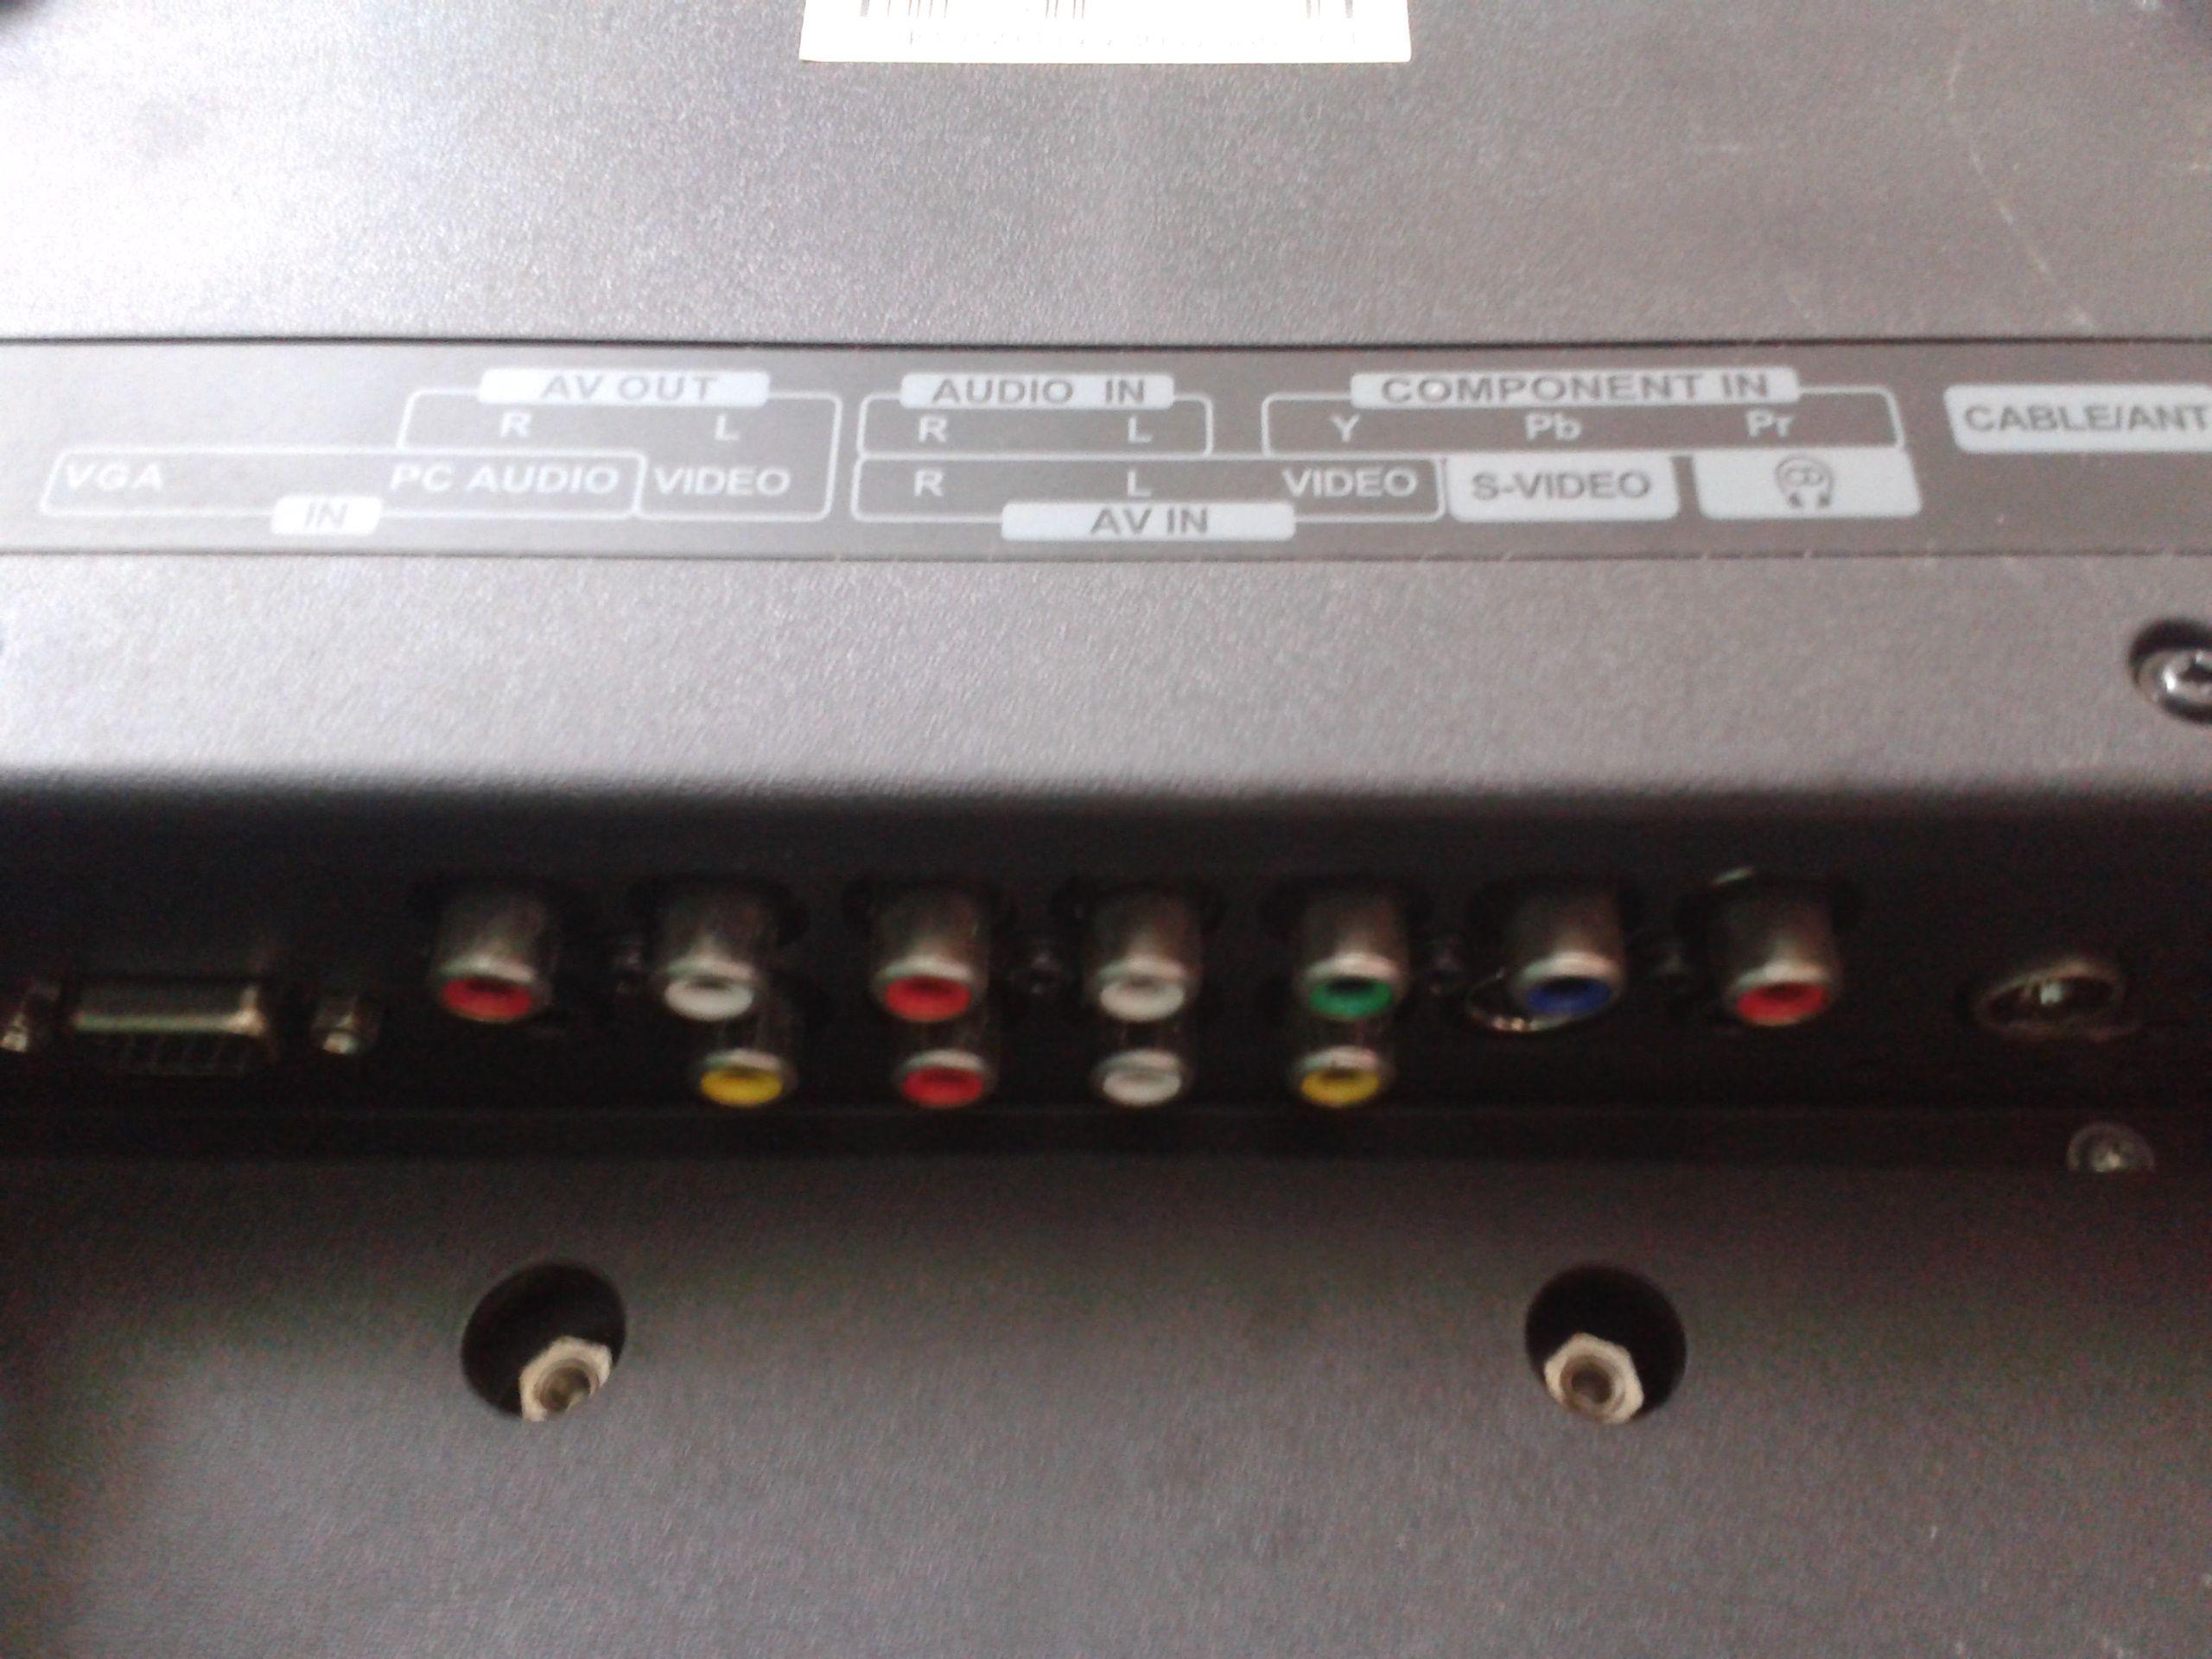 康佳lc26hs81b后面很多插孔 与机顶盒改怎么连接高清图片